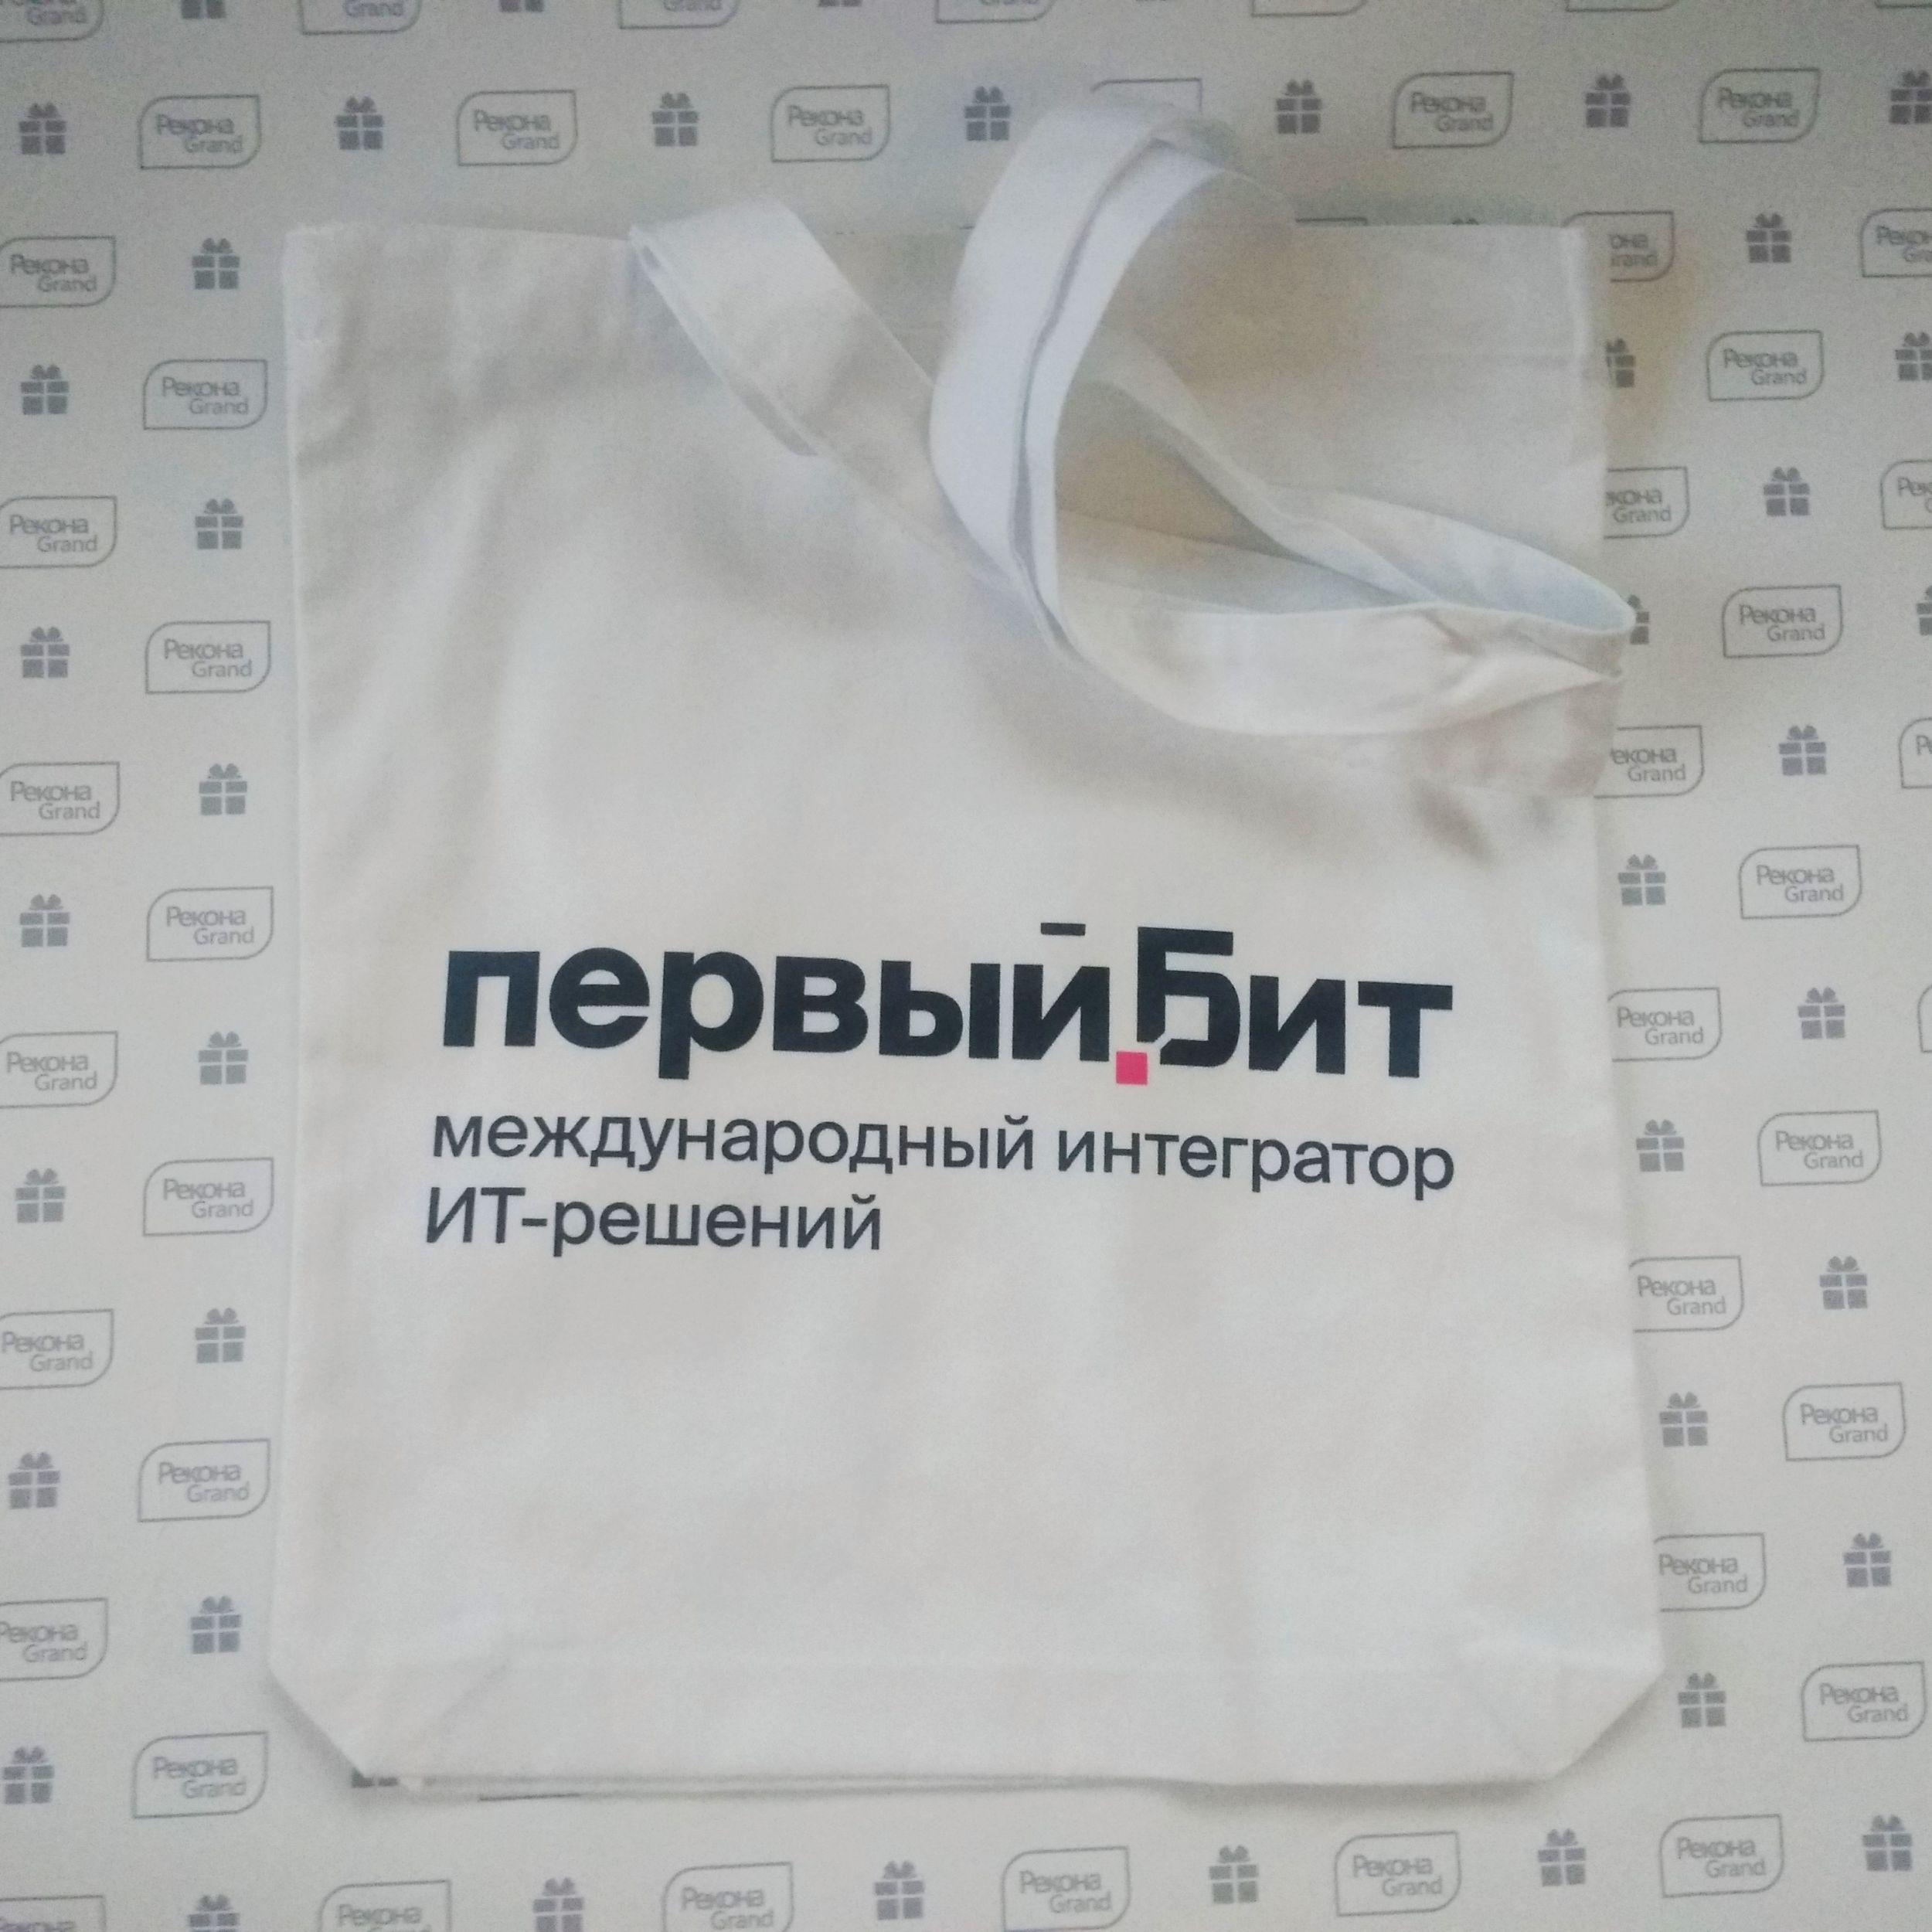 сувенирная продукция в мурманске